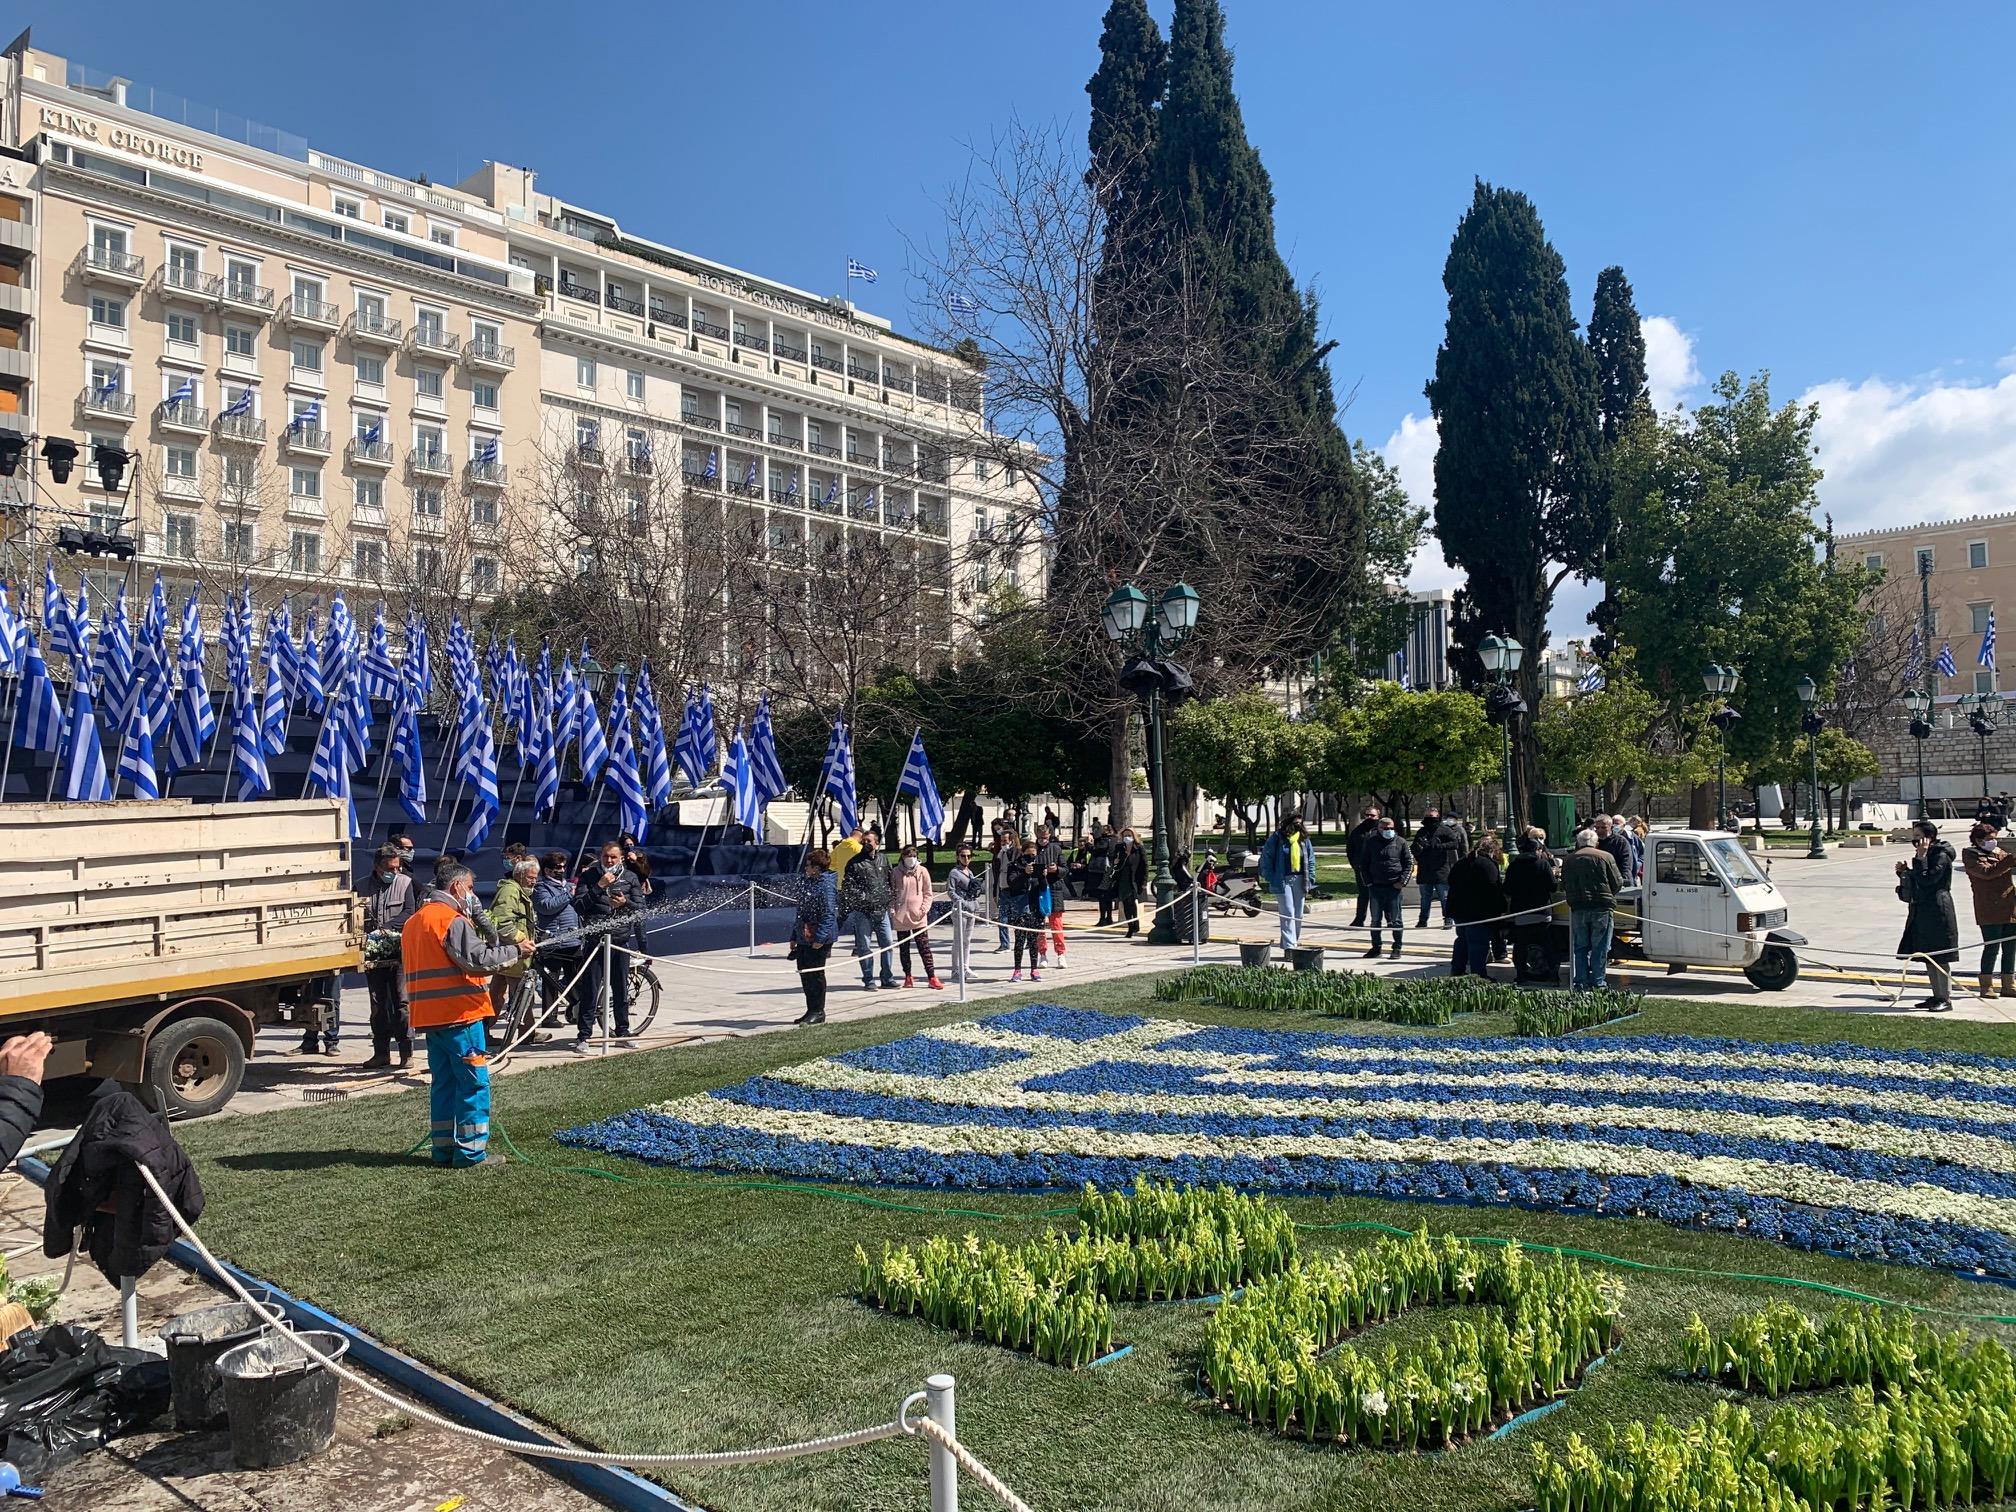 25η Μαρτίου: Το newsit.gr σας κάνει βόλτα στην στολισμένη Αθήνα (pics, video)